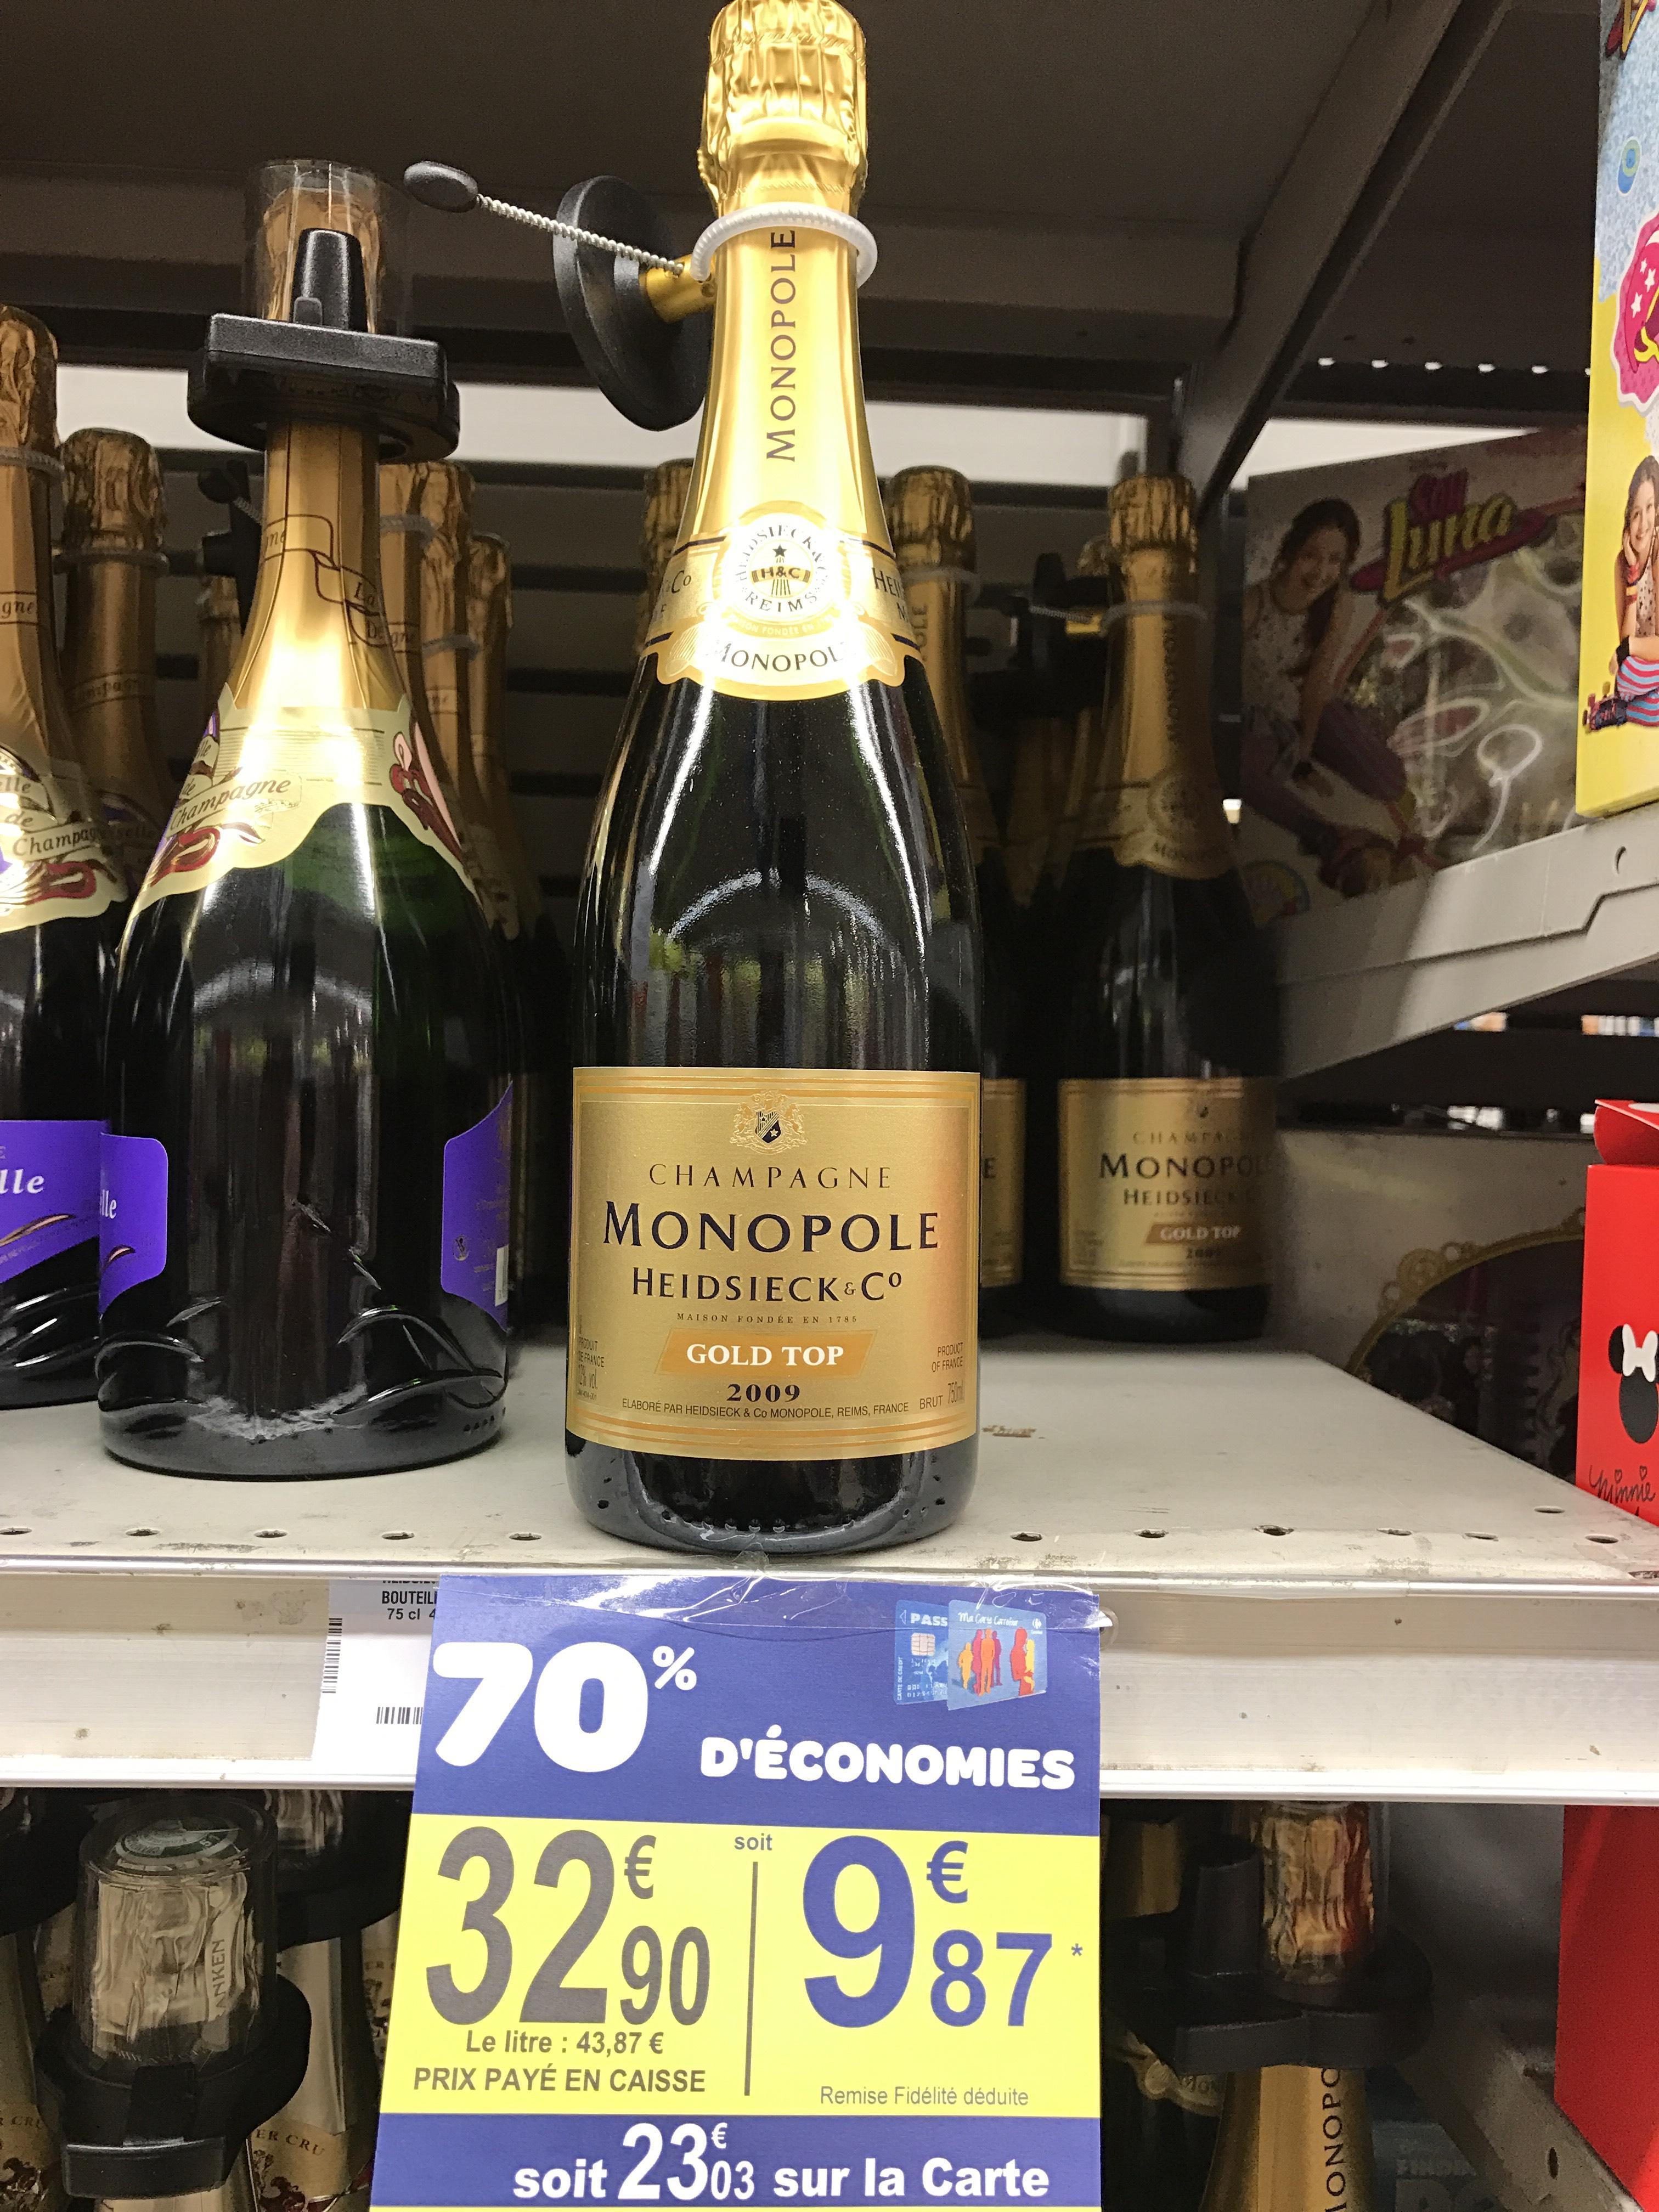 Bouteille de Champagne Monopole Heidsieck Gold Top 2009 (via 23.03€ sur la carte)